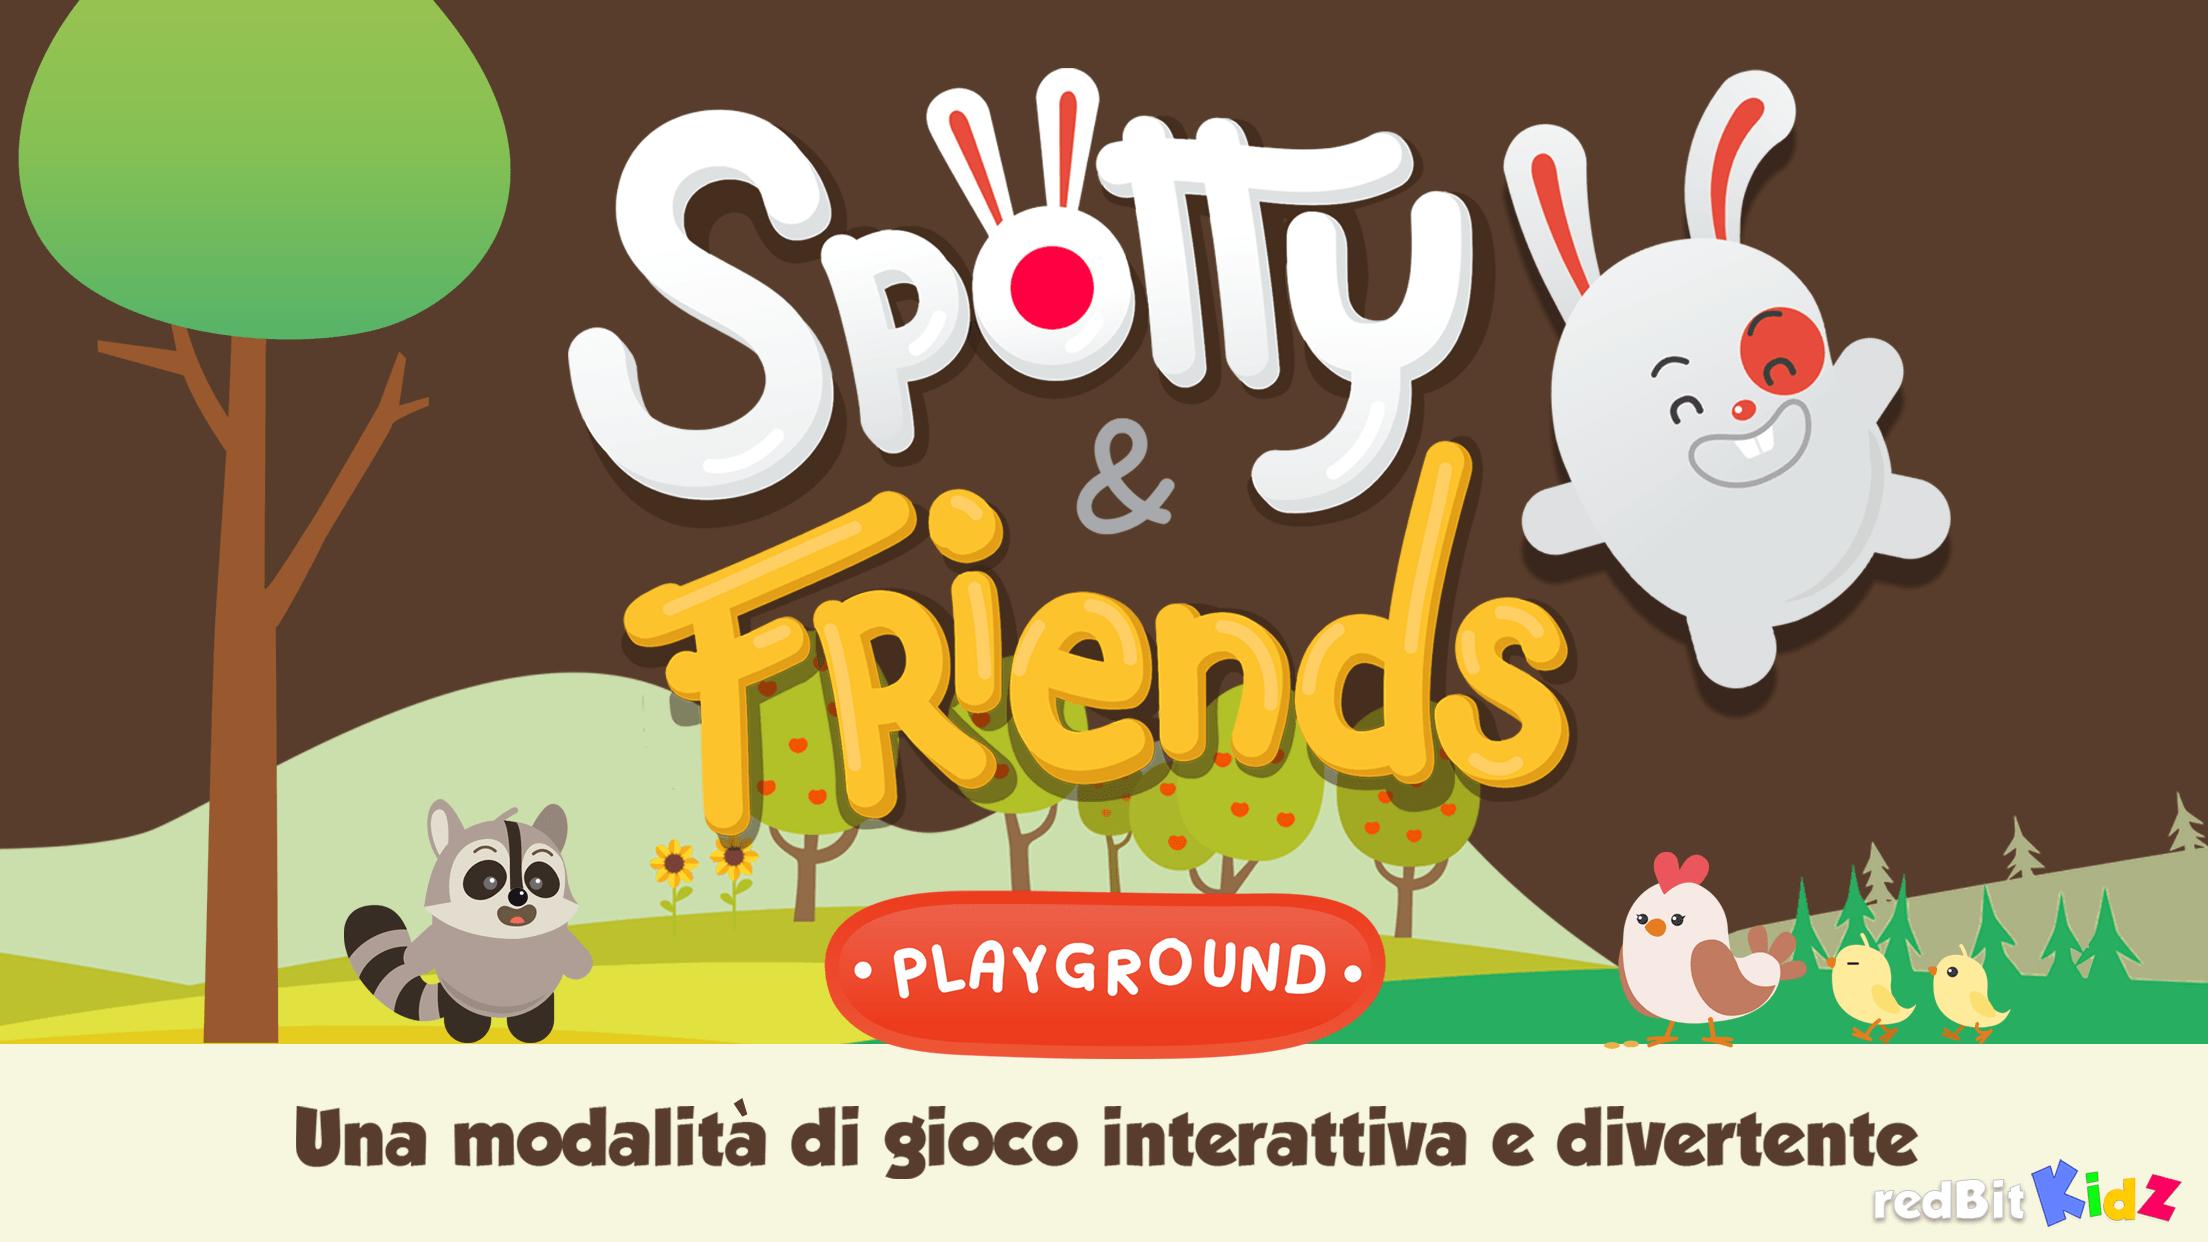 e22e145bc0 E' sullo Store Spotty & Friends, nuova app per bimbi da 2 a 5 anni ...